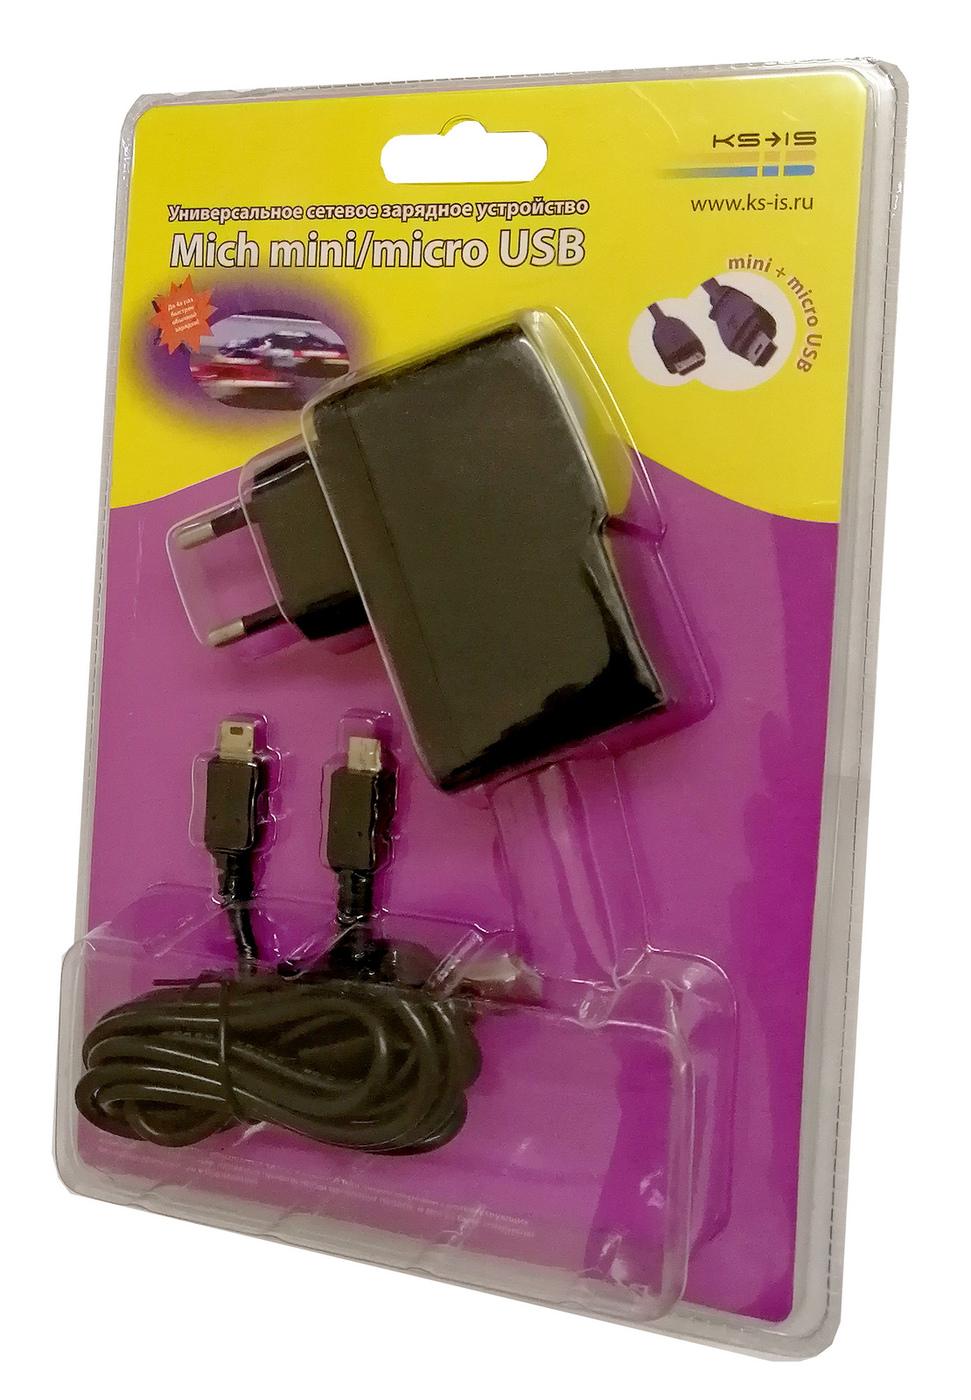 Универсальное сетевое зарядное устройство mini+micro USB Ks-is (Mich KS-003)